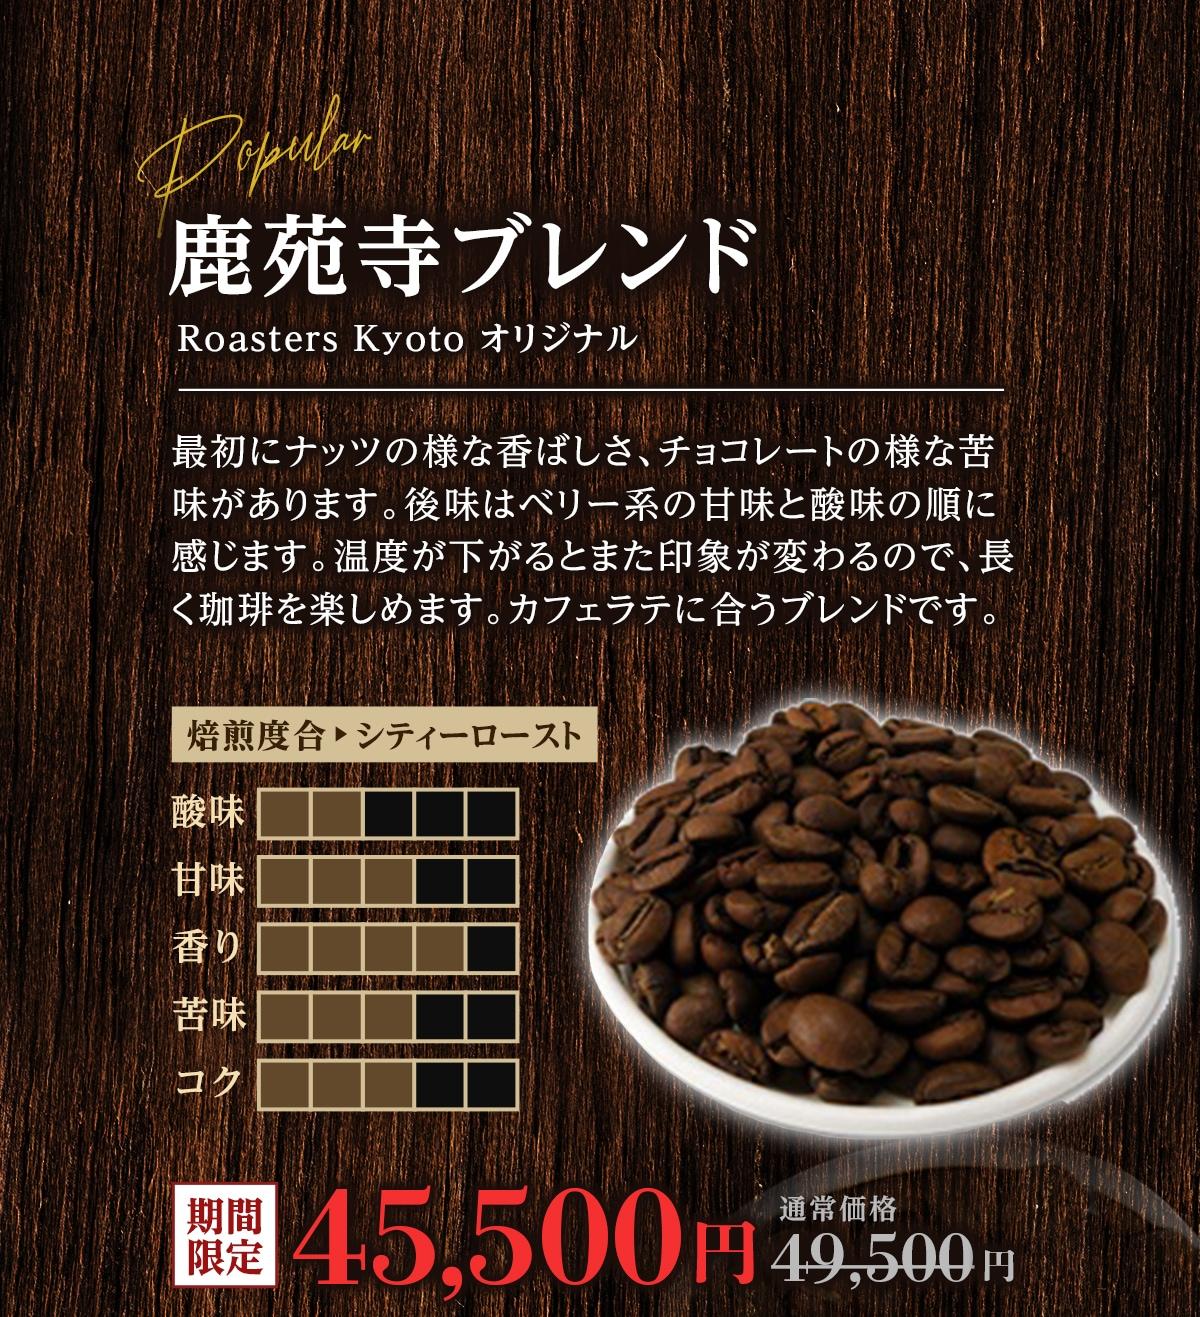 コーヒー豆 鹿苑寺ブレンド